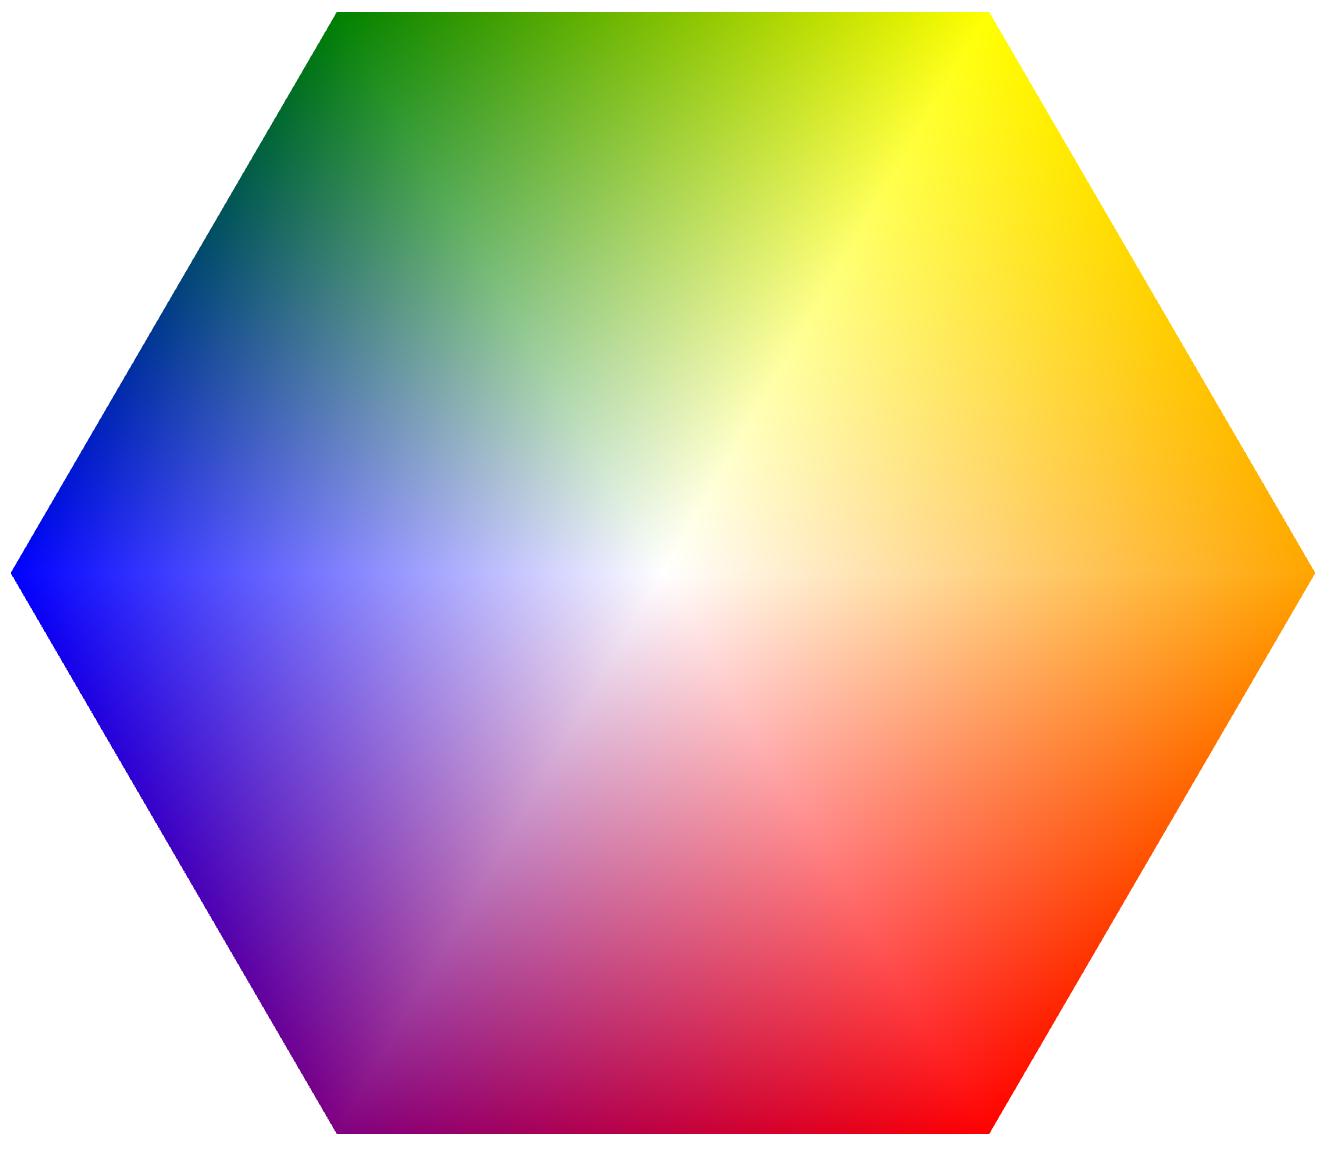 rainbow-color-shape.jpg